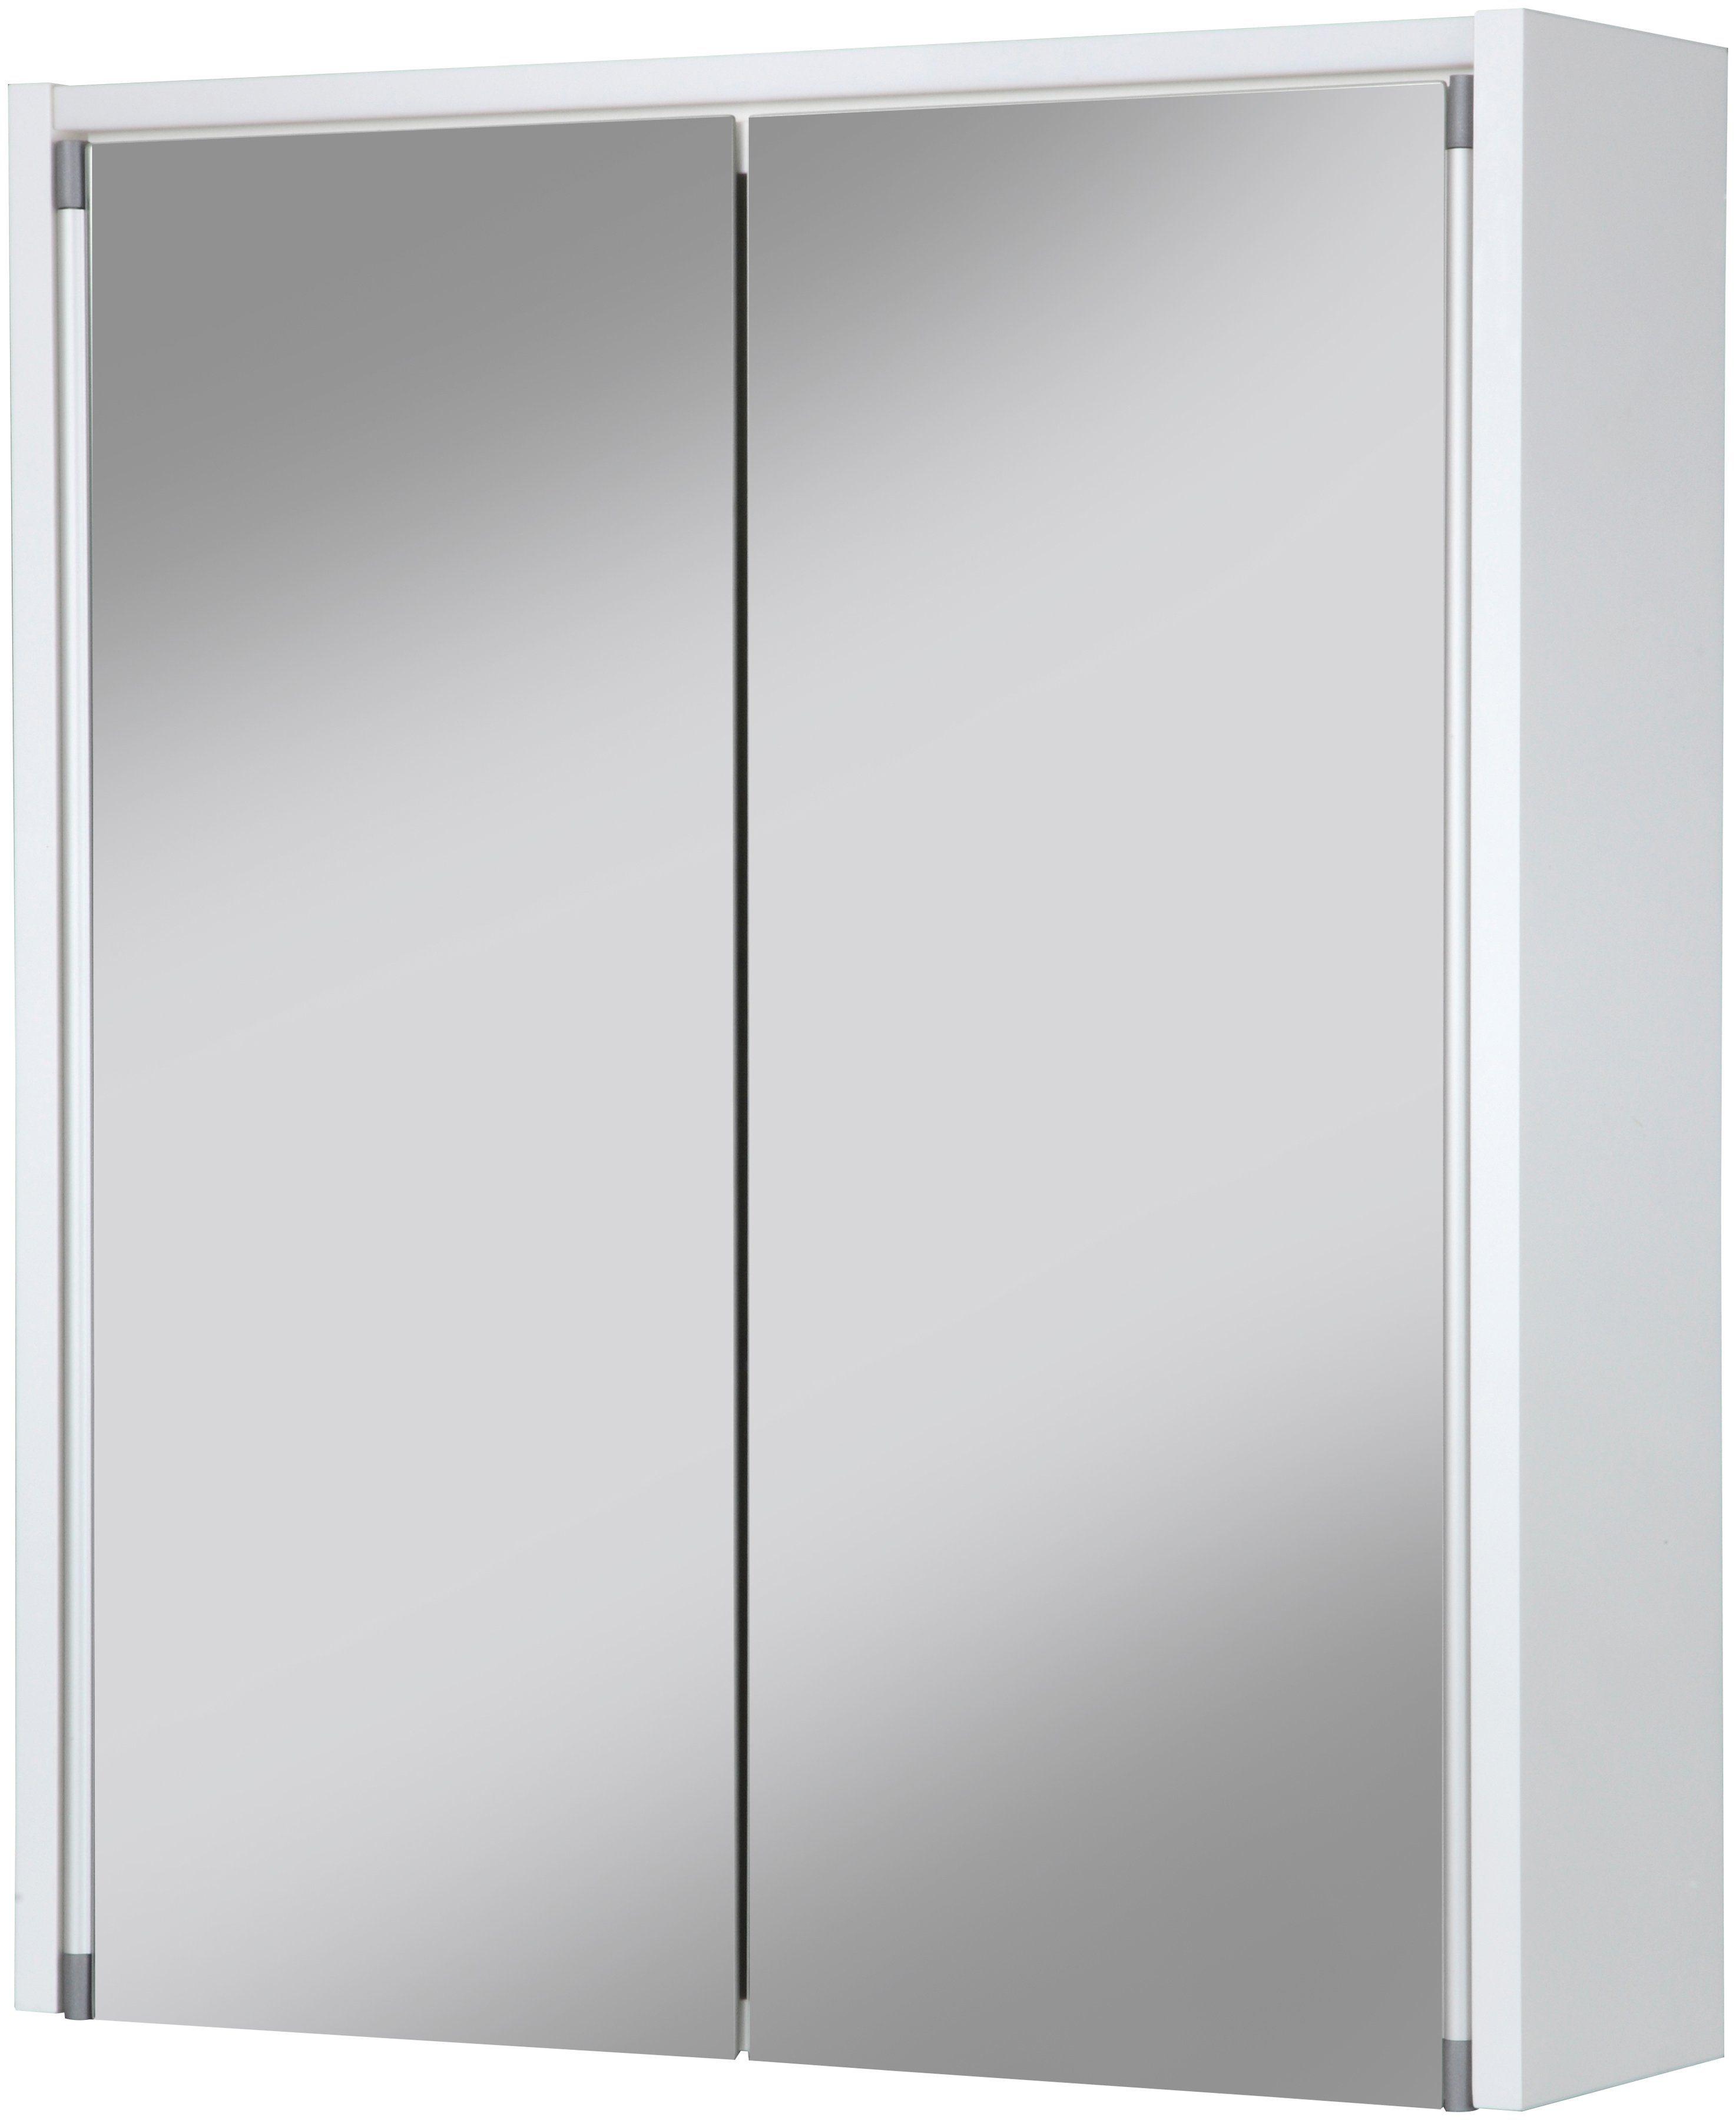 Sieper Spiegelschrank »NelmaLine« Breite 54 cm, LED-Beleuchtung